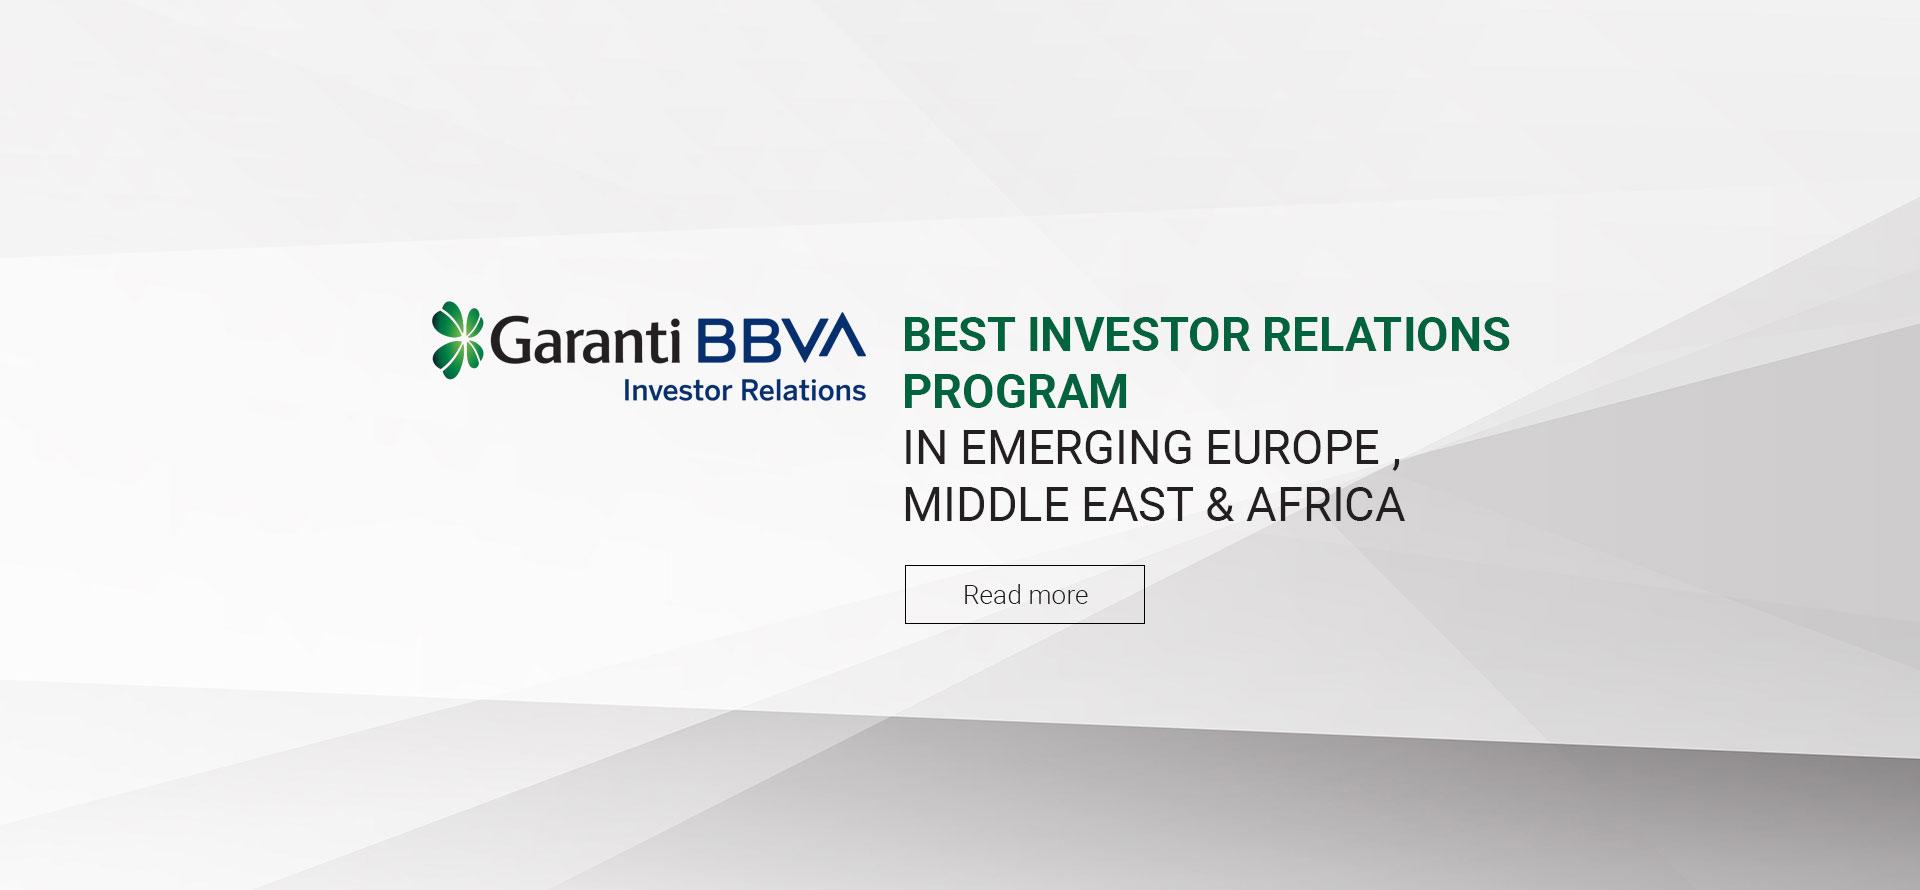 Morgan Stanley Investor Relations >> Garanti Bbva Ir